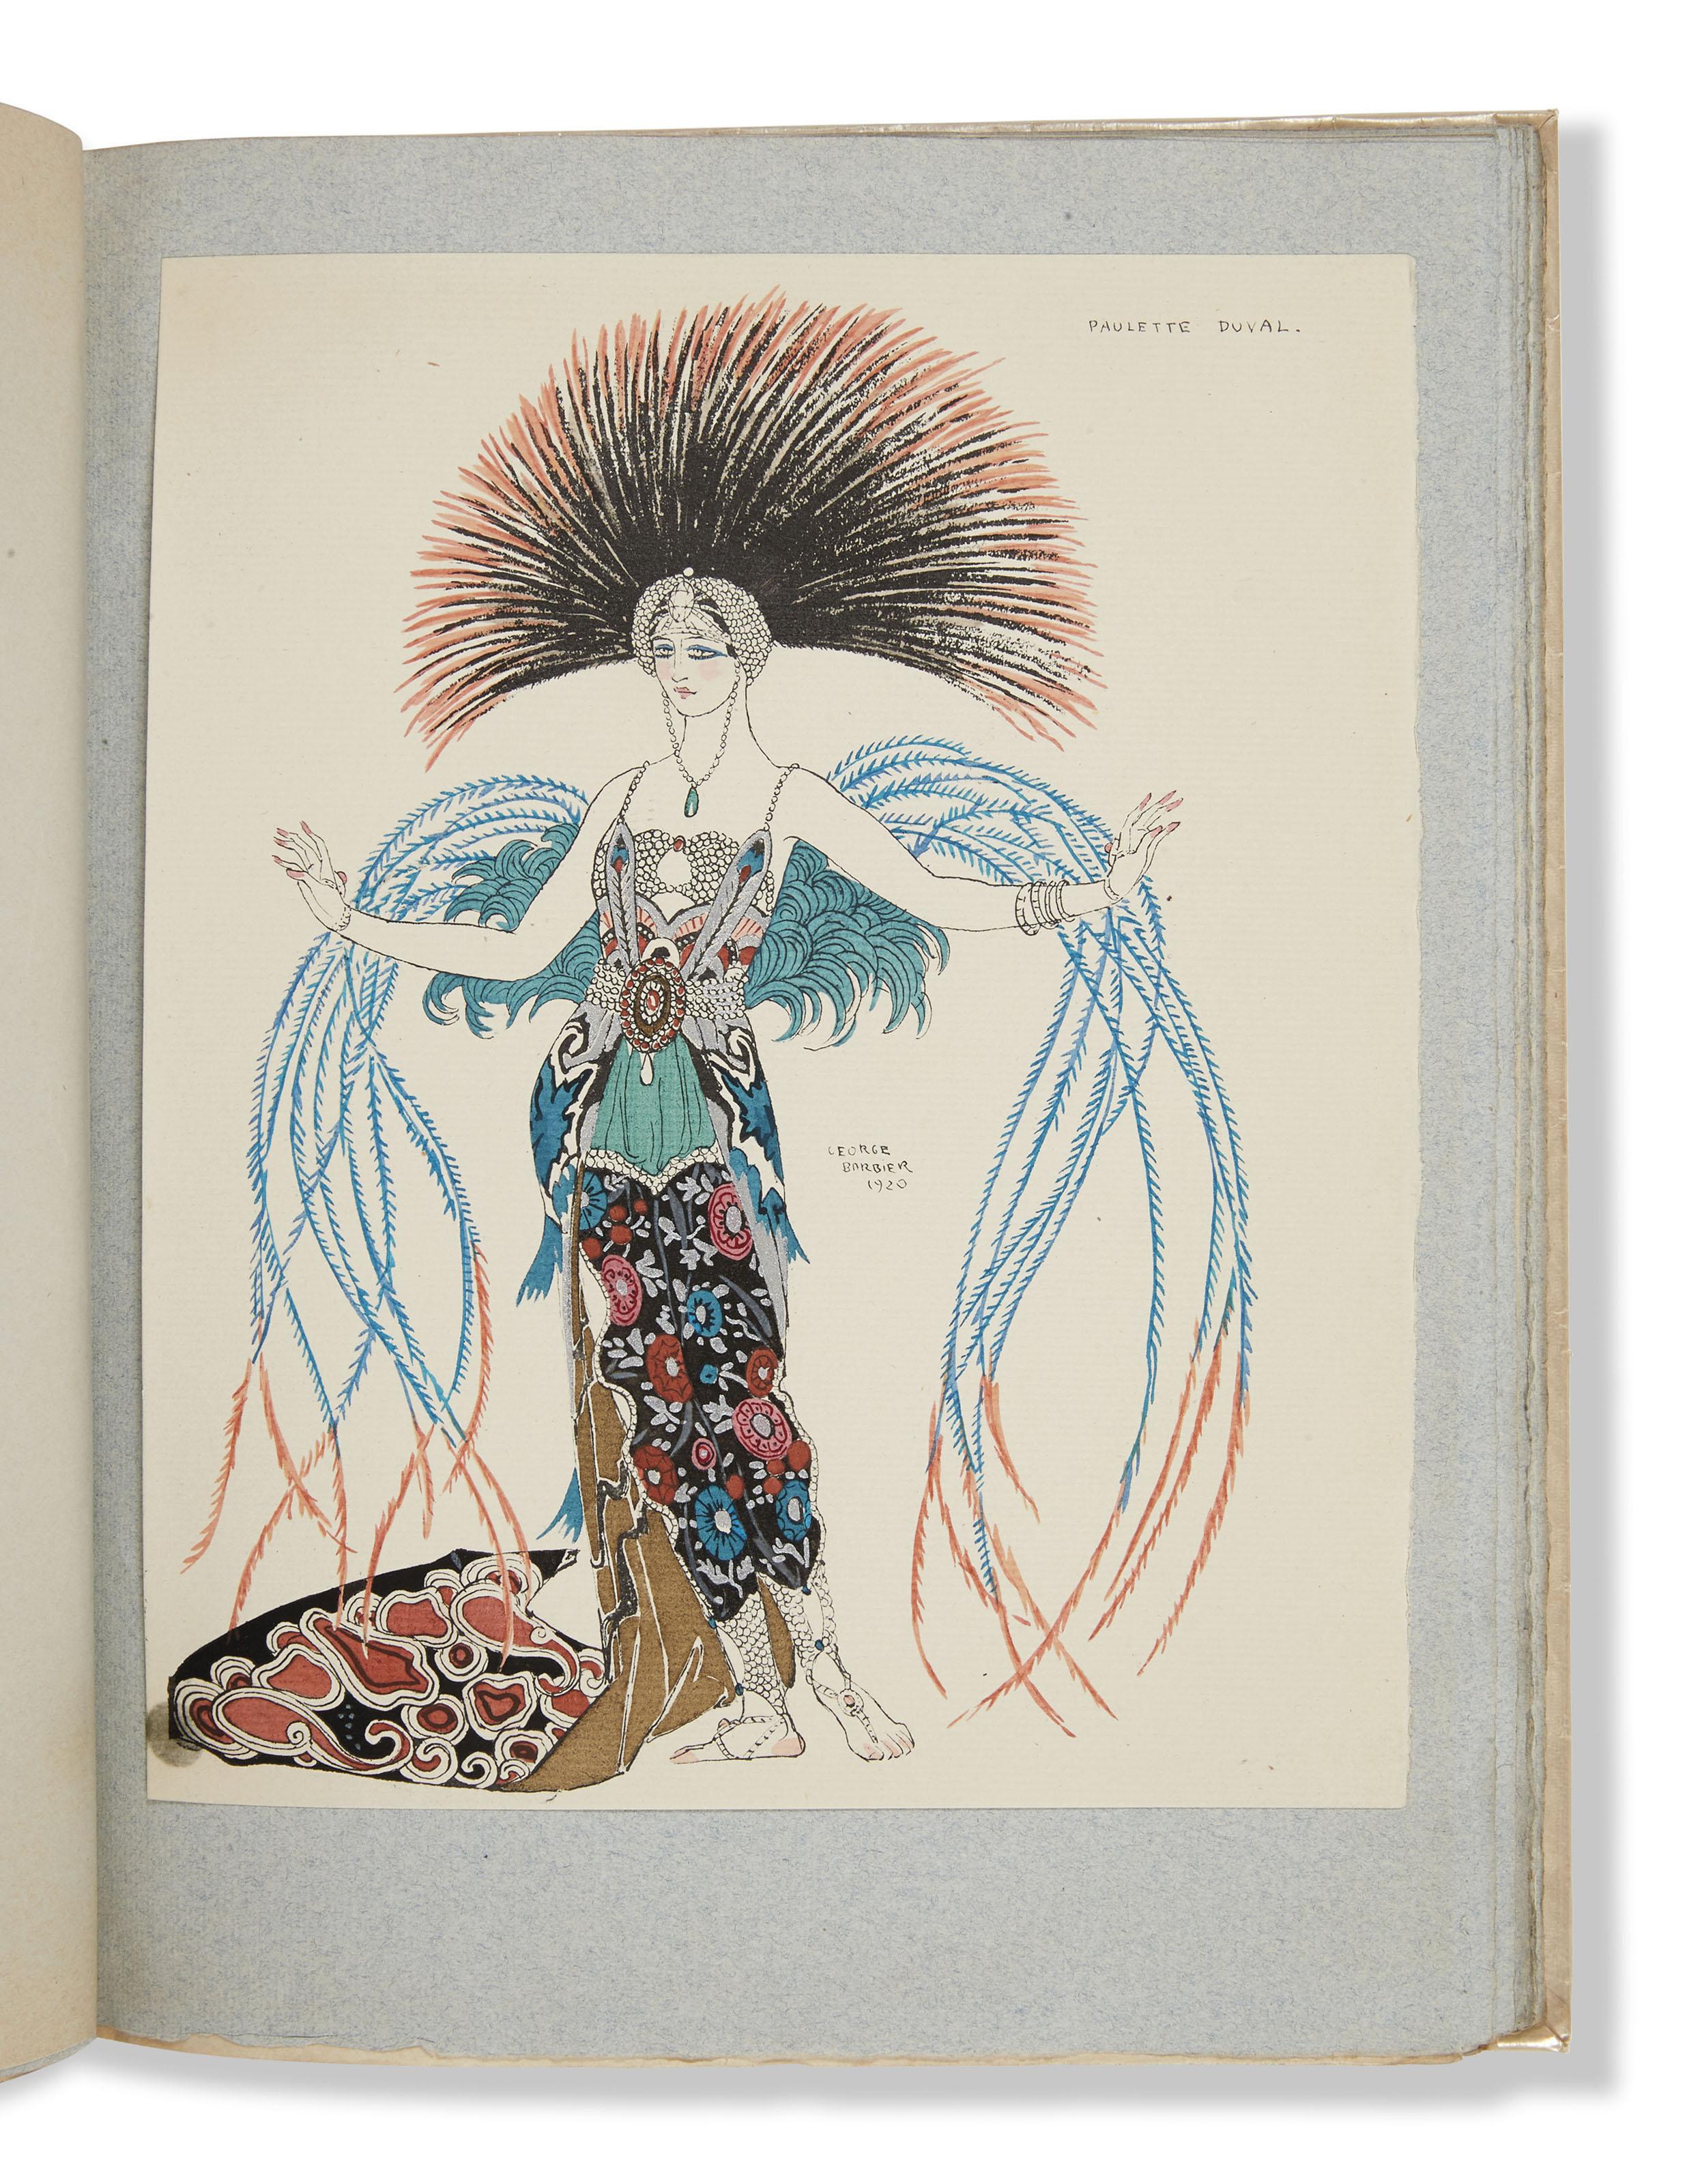 BARBIER (G.). Vingt-cinq costumes pour le théâtre. Préface par Edmond Jaloux. Paris, C. Bloch et J.Meynial, 1927, in-4°, broché, couverture illustrée d'éditeur.